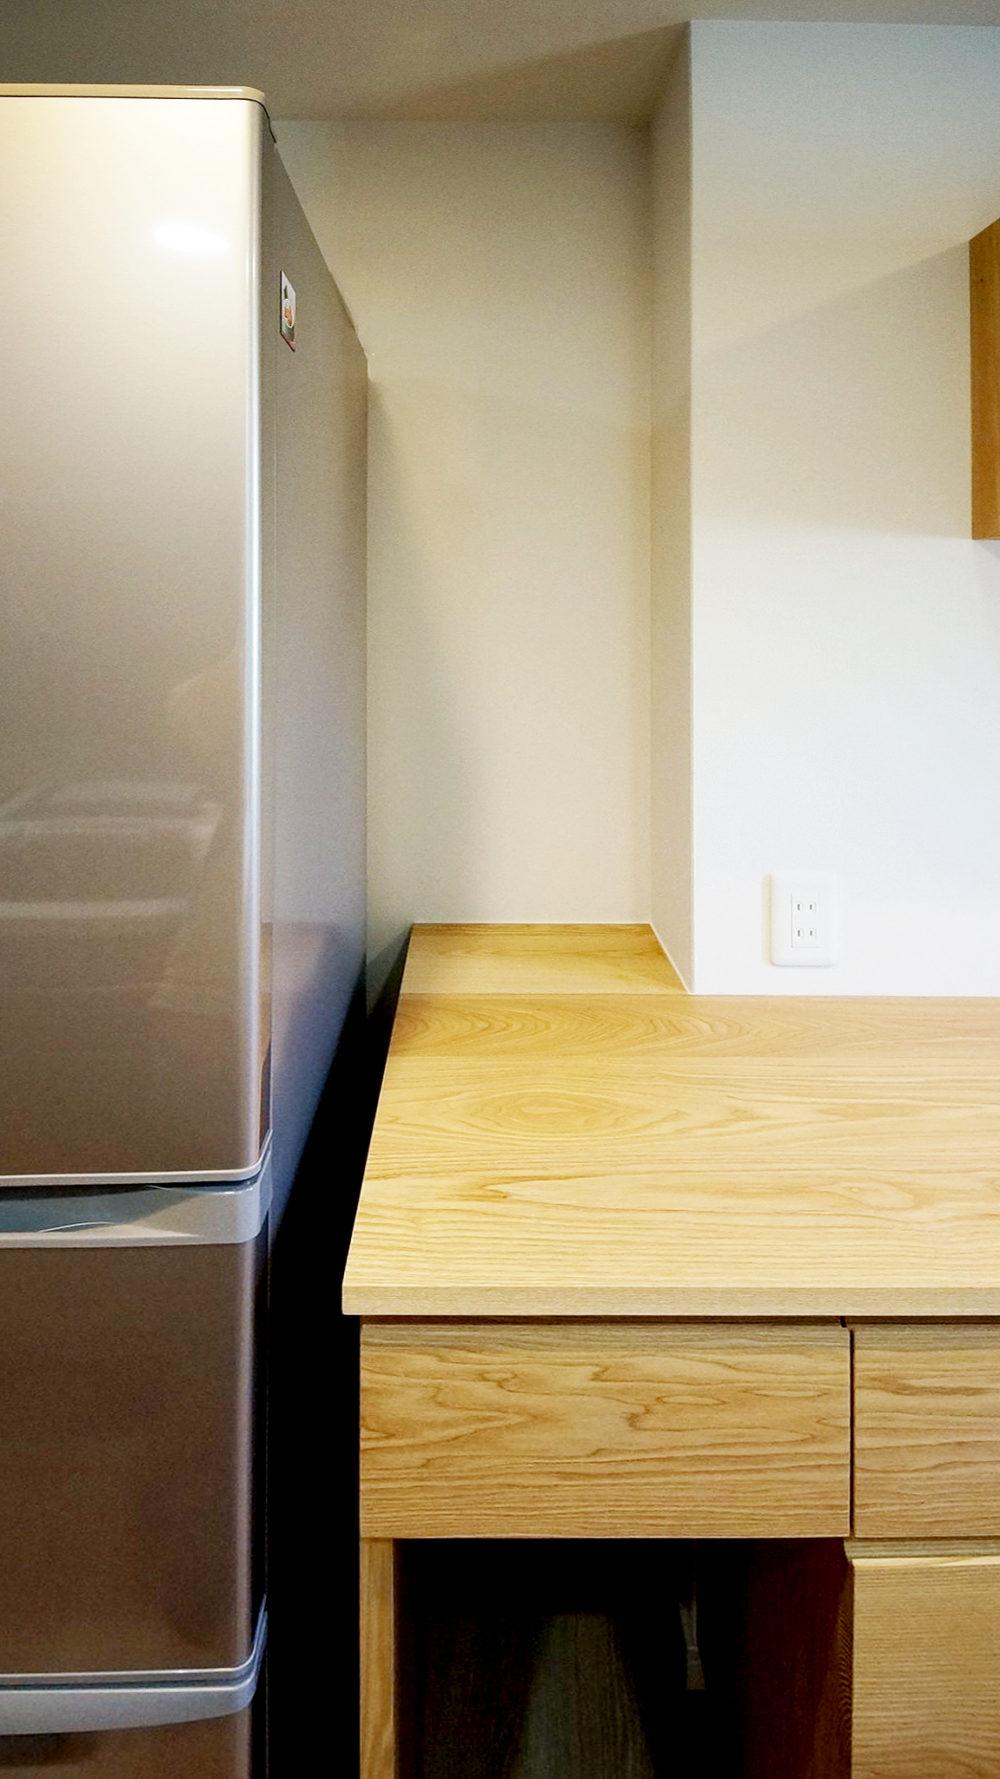 オーダー家具・カップボード食器棚/関西・大阪市